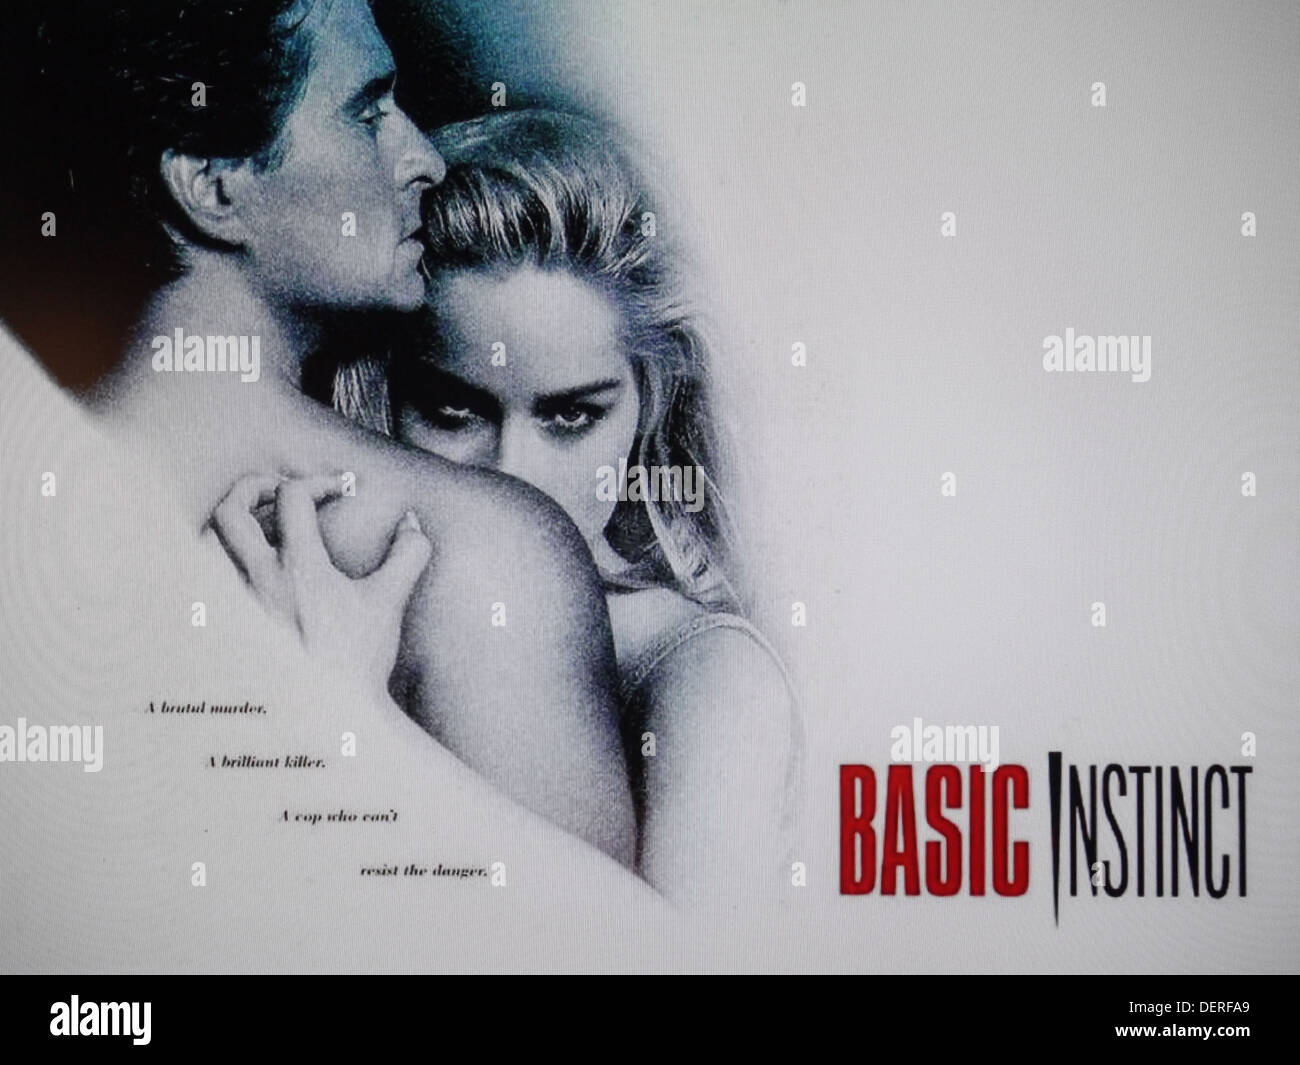 basic instinct movie - Stock Image